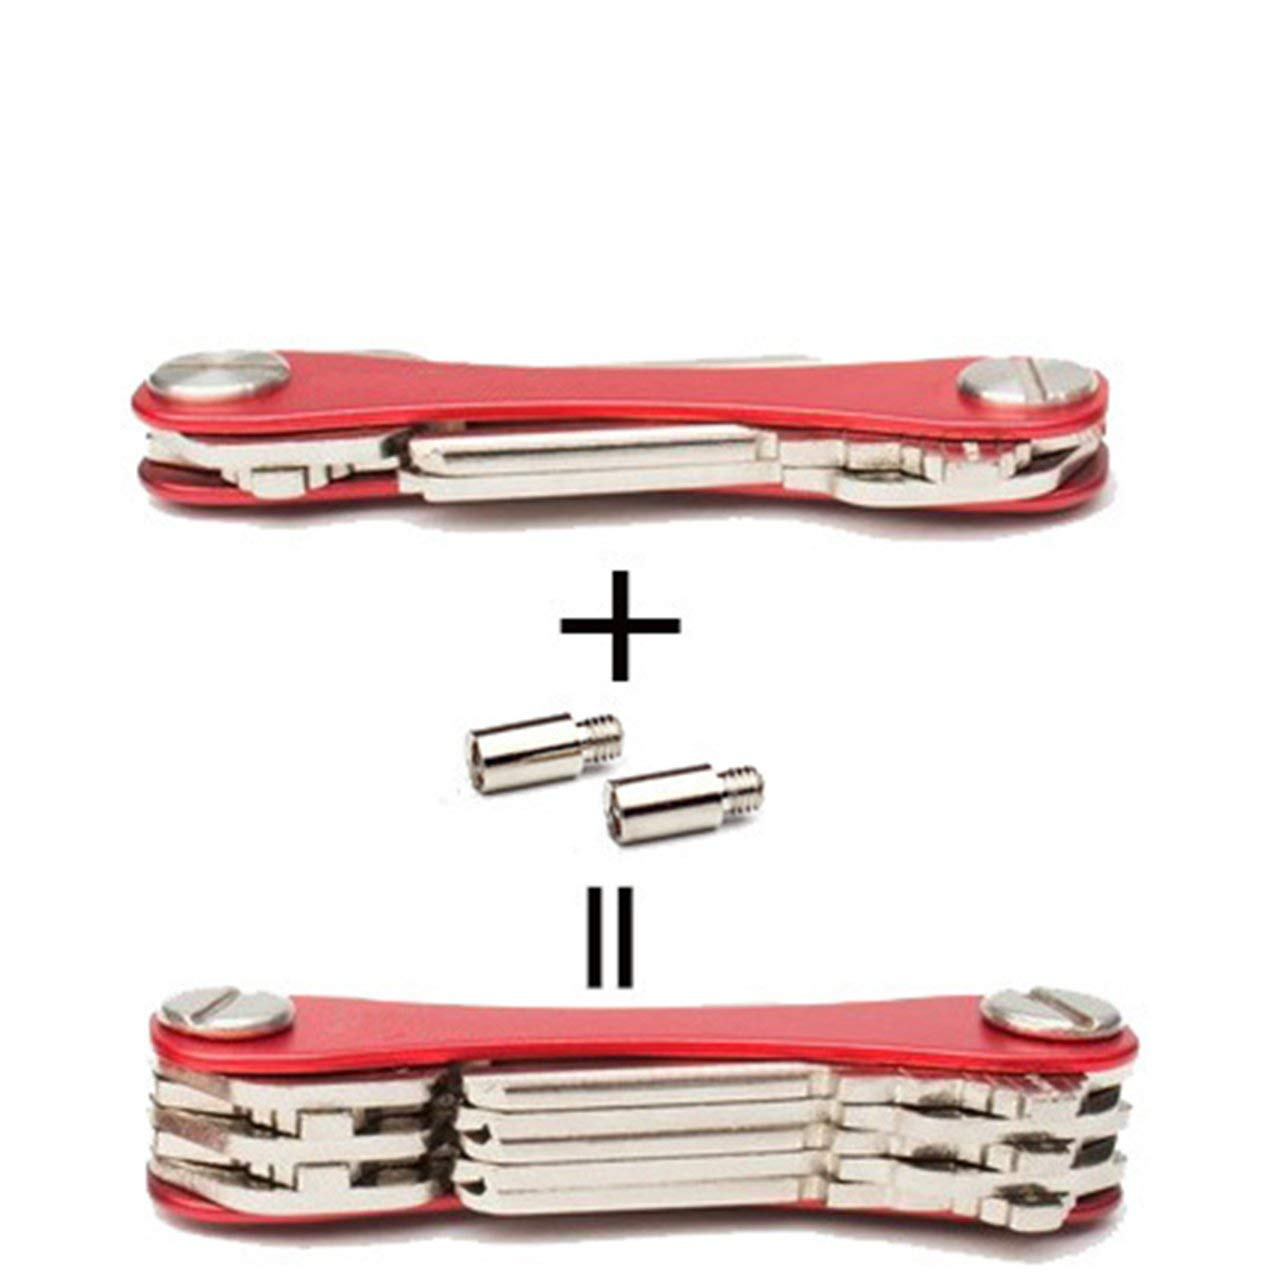 EDC in lega di alluminio portatile intelligente portachiavi titolare cartella cartella portachiavi portachiavi auto chiave portafoglio collettore governante